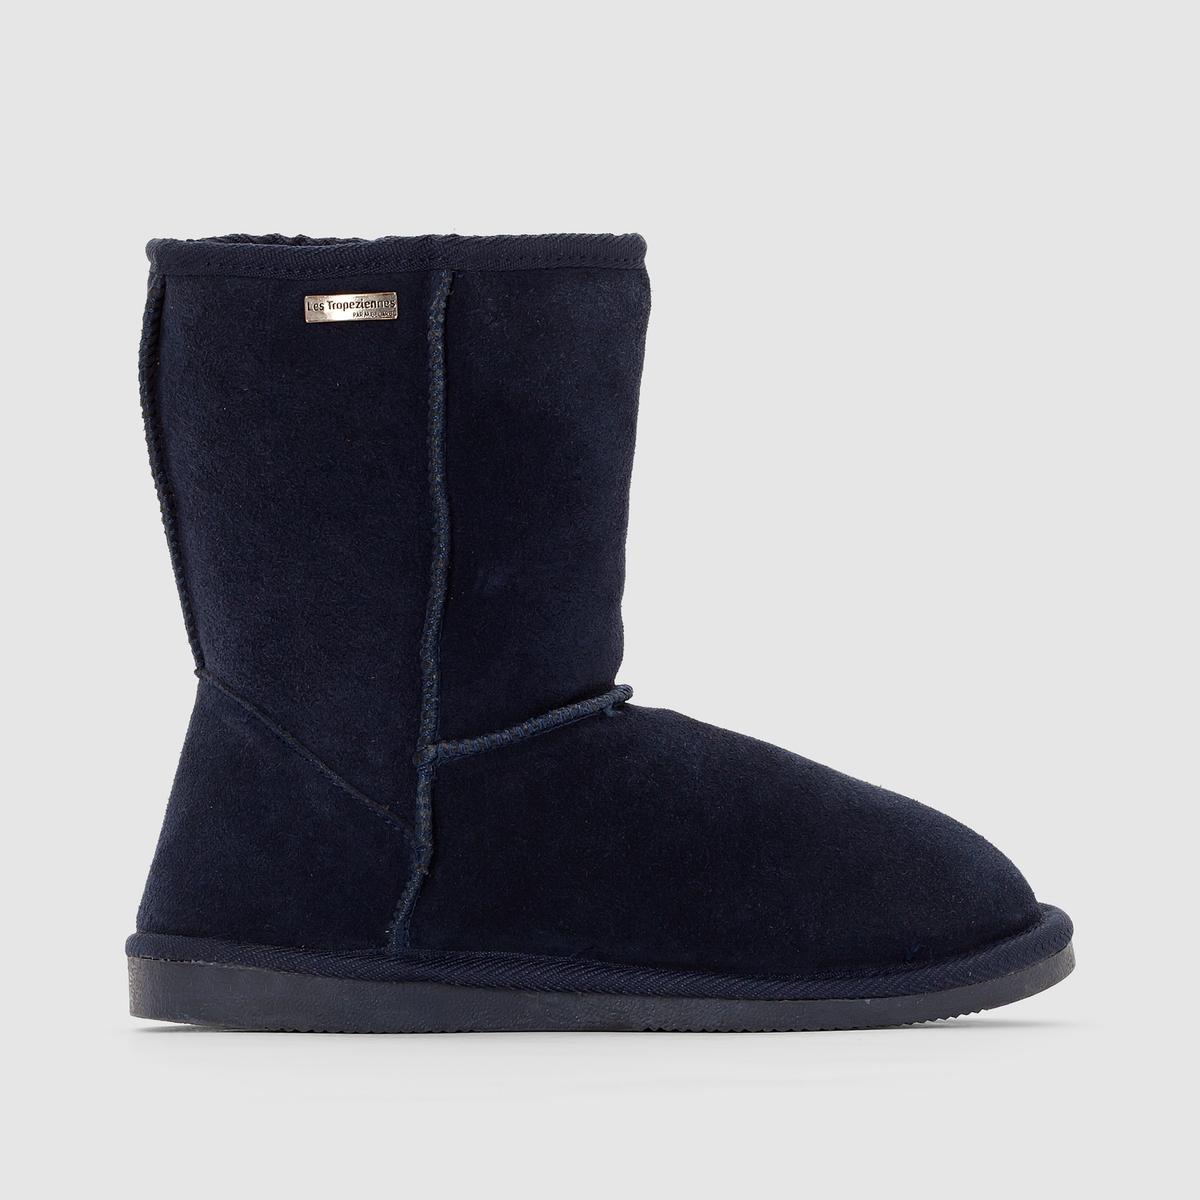 Ботильоны на меху SnowДетали   •  Высота каблука : 2,5 см •  Застежка : без застежки •  Круглый мысок •  Велюровая отделка, нубукСостав и уход   •  Верх 100% спилок •  Подкладка 100% текстиль •  Стелька 100% текстиль •  Подошва 100% синтетический материал<br><br>Цвет: серый,темно-бежевый,темно-синий,черный<br>Размер: 41